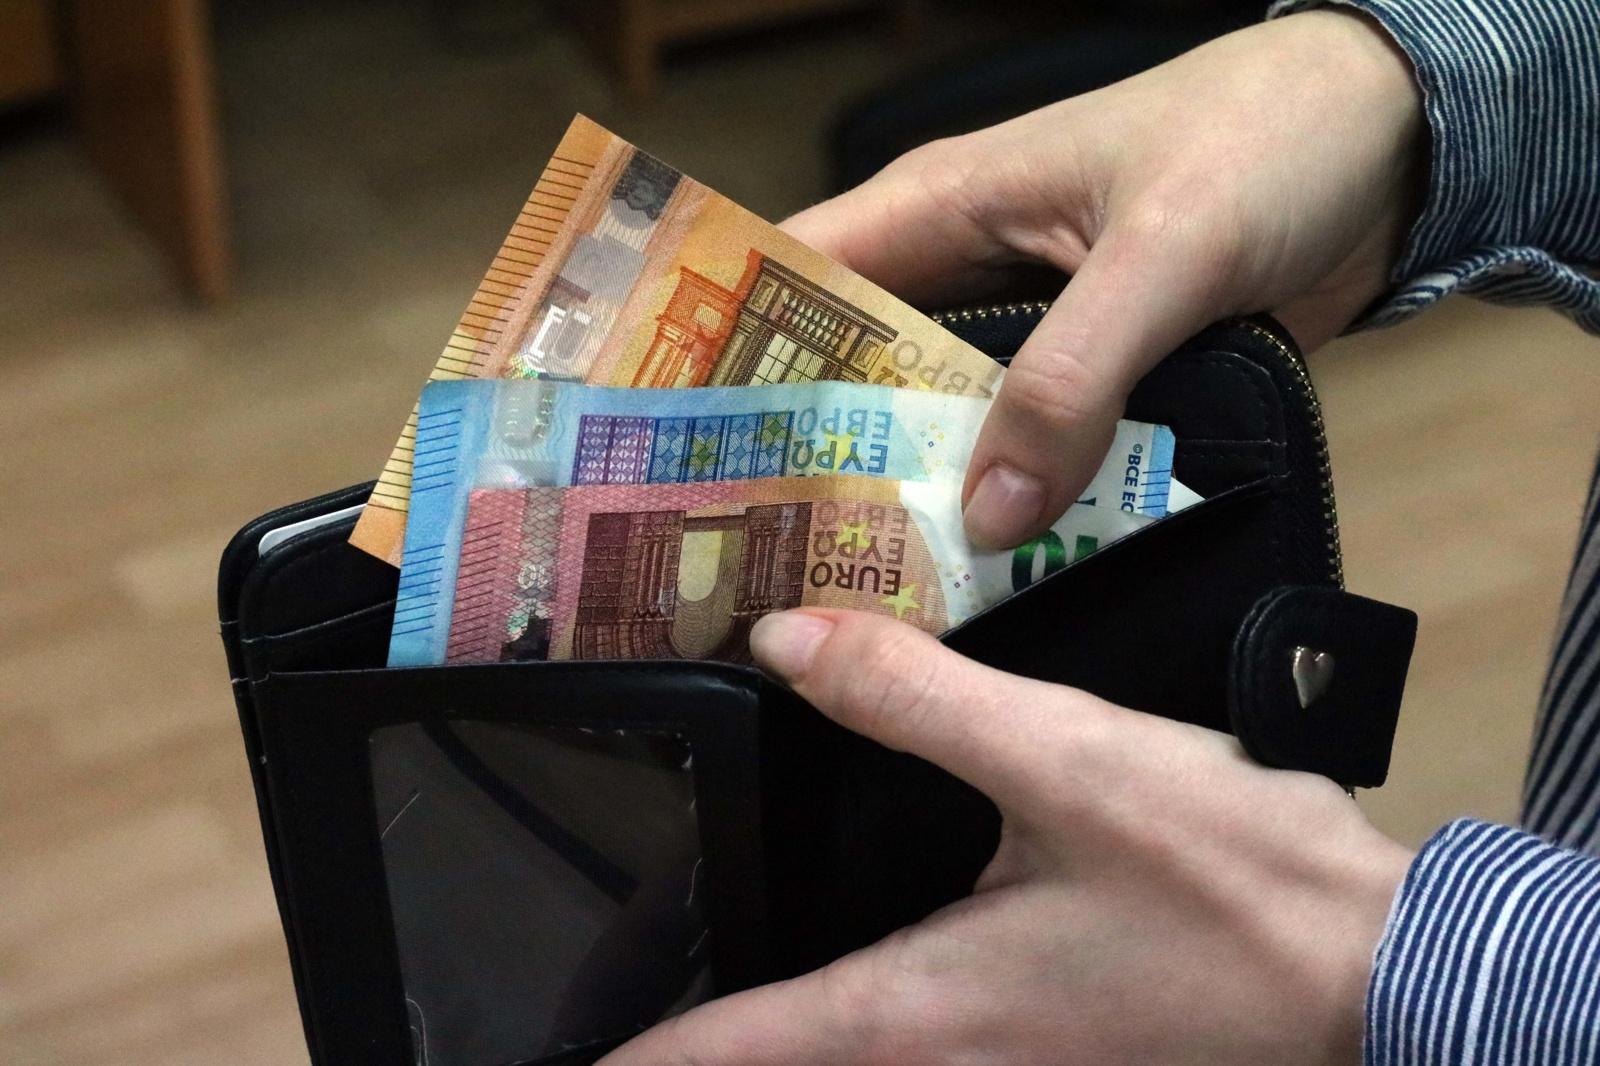 Šiauliuose iš kioskelio pagrobta moters piniginė rasta turgavietėje